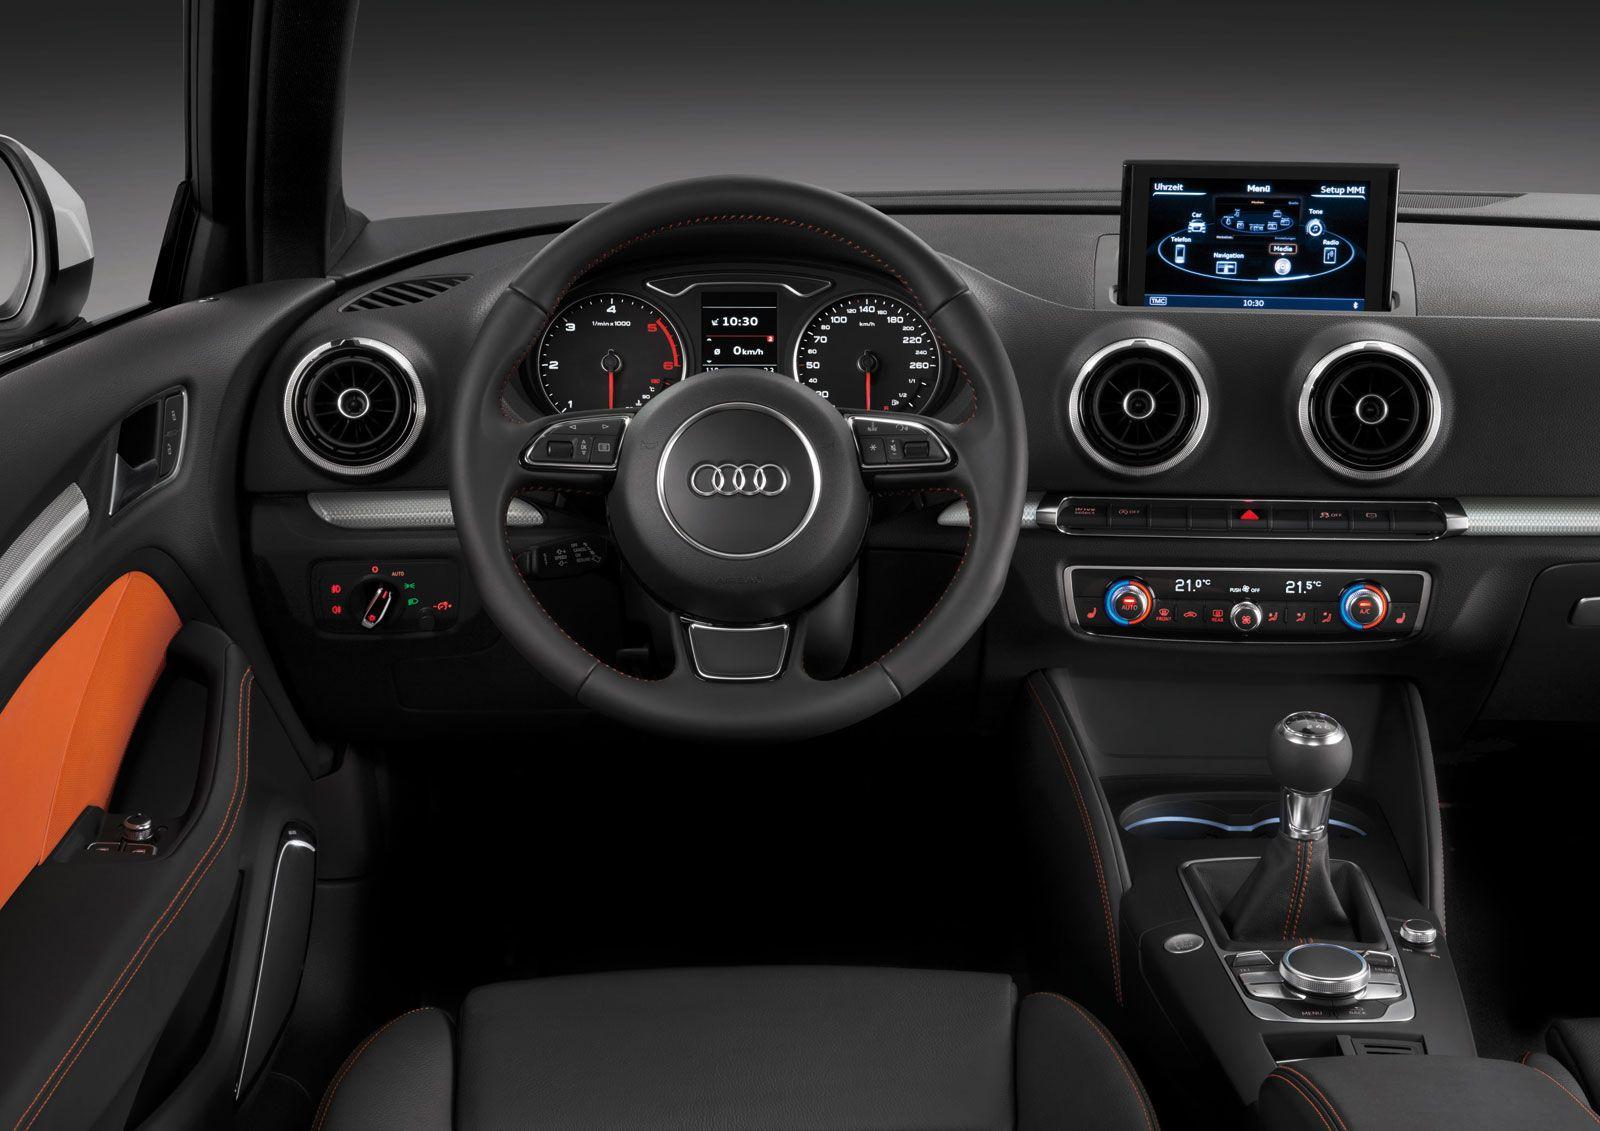 Audi A3 Interior Audi A3 Audi Cars Audi A3 Sportback